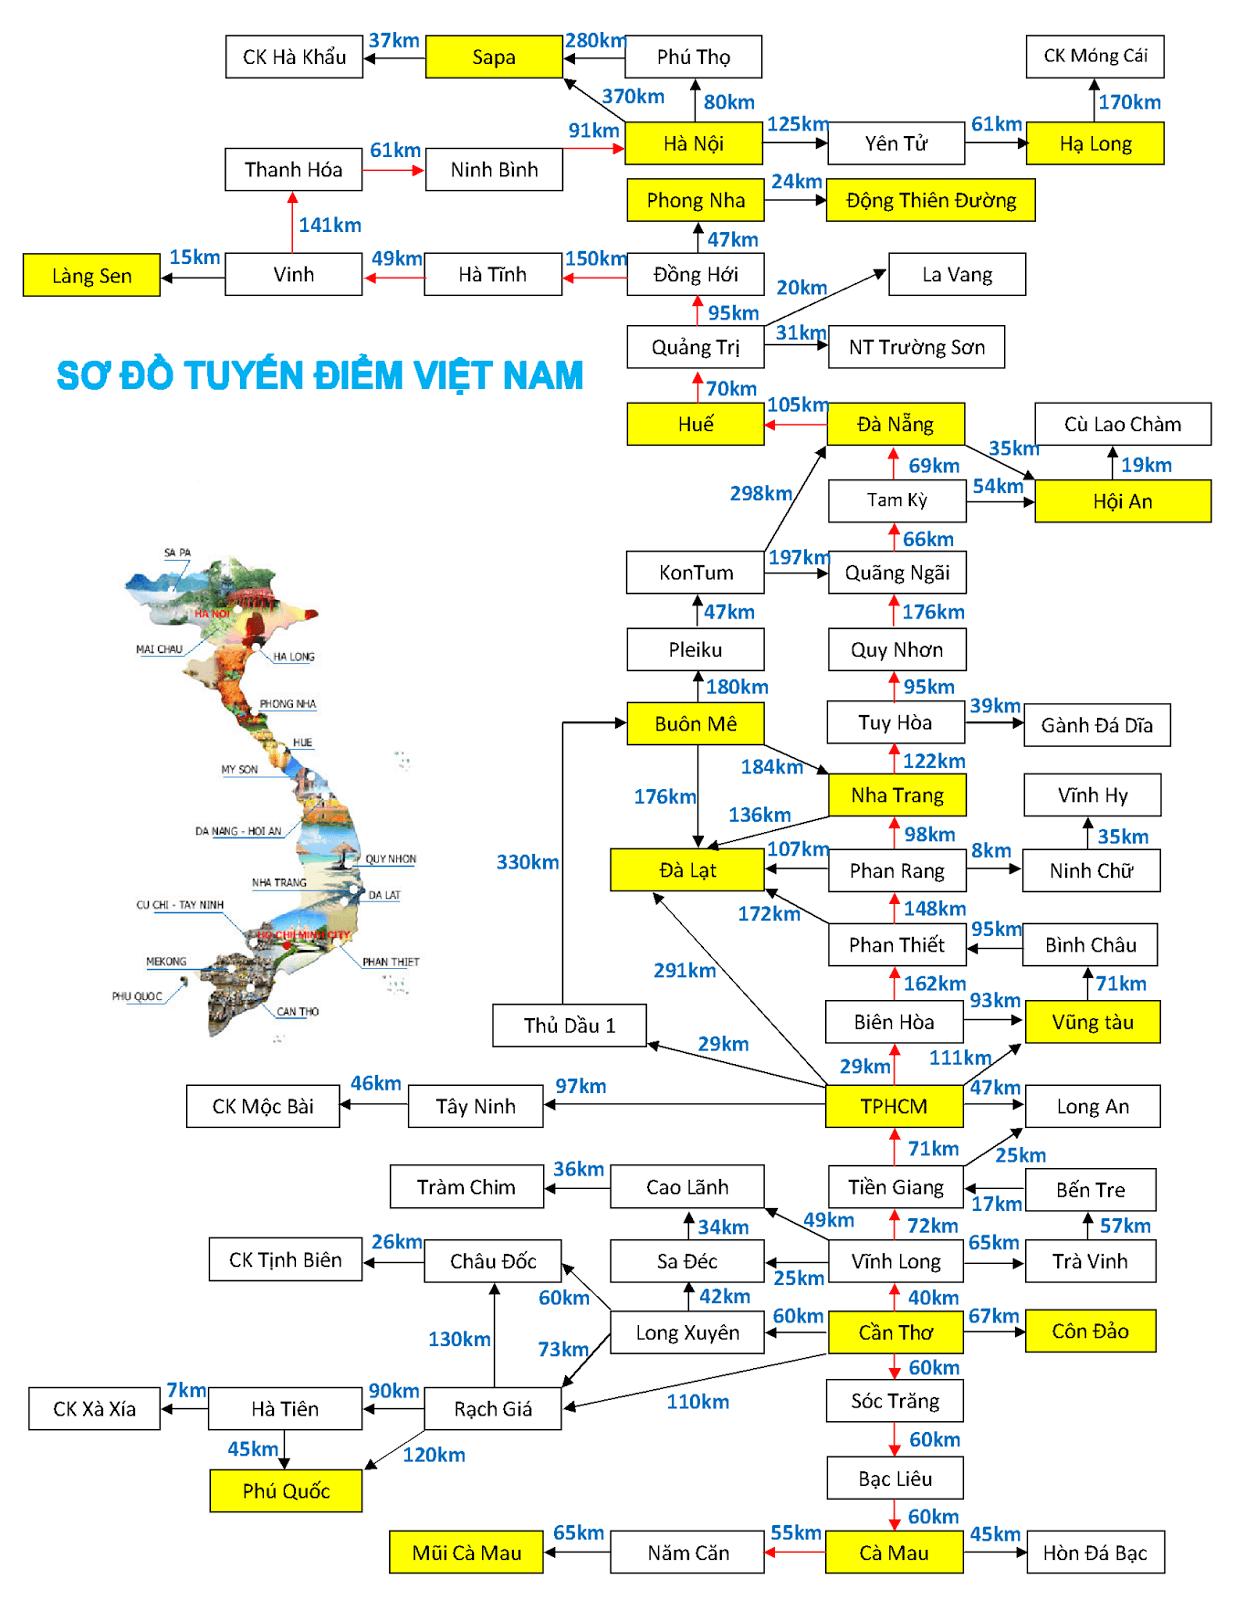 Bản đồ tuyến điểm du lịch Việt Nam